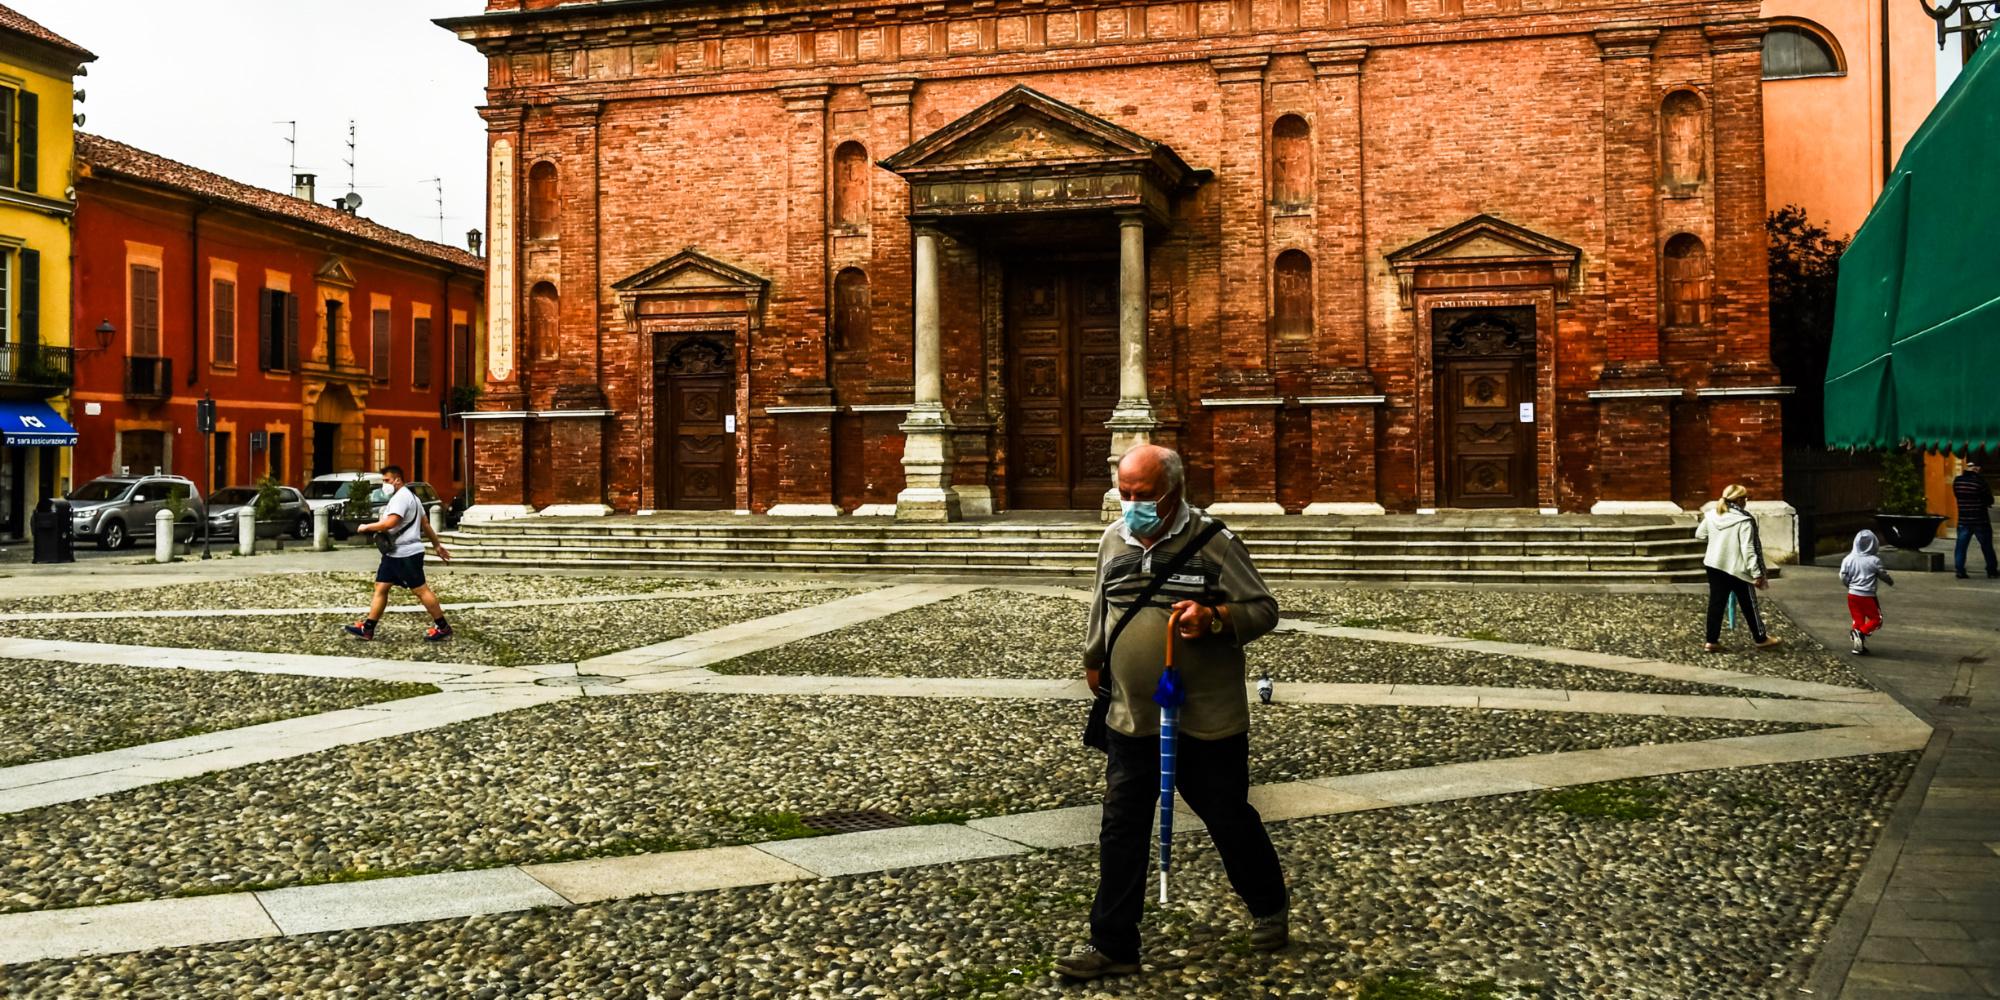 Vague de Covid en Italie : un an après, la ville de Codogno toujours meurtrie